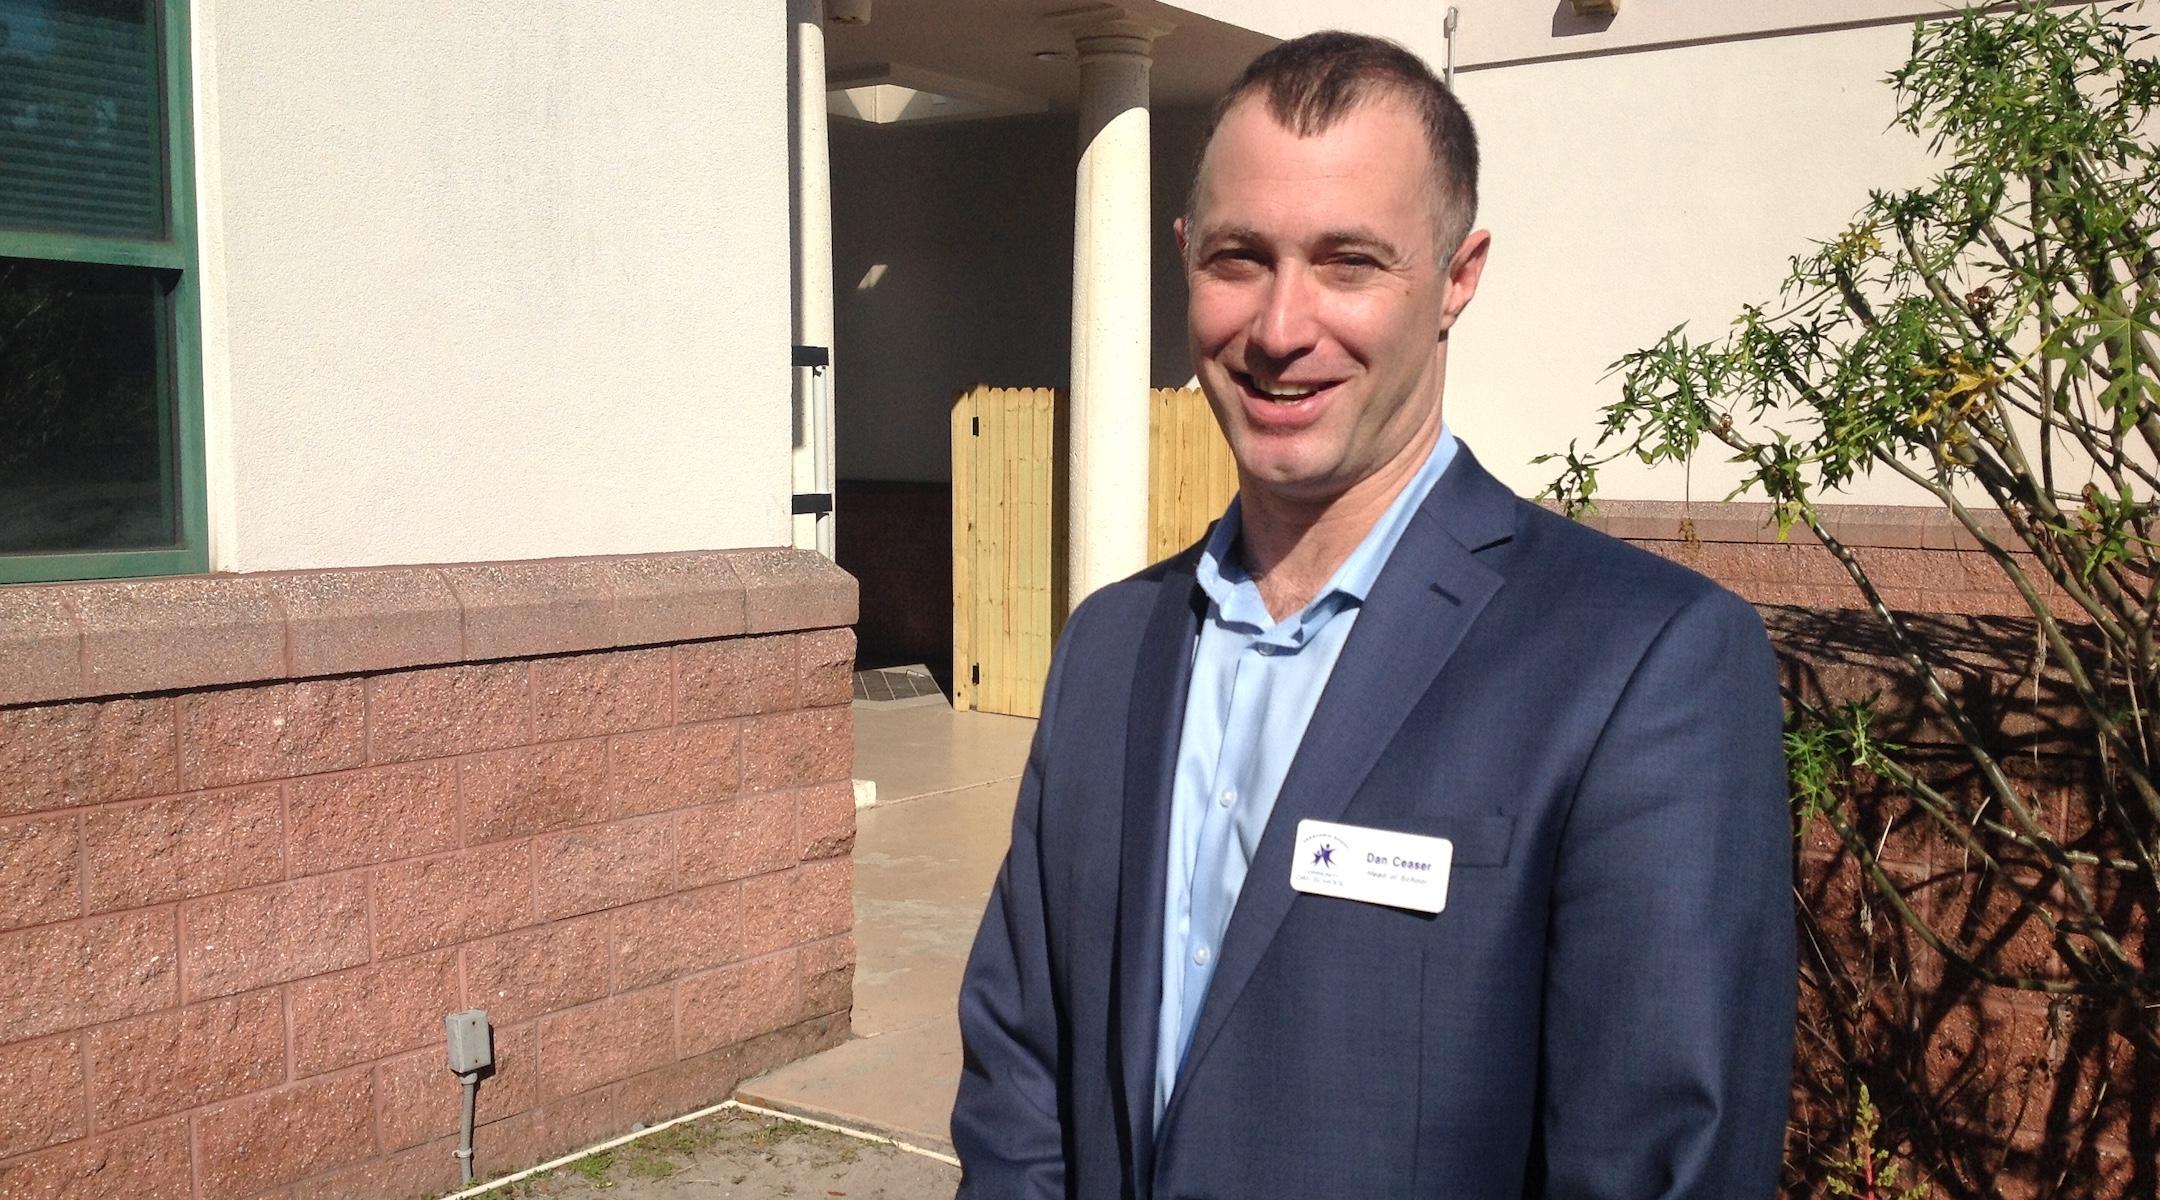 Dan Ceaser, the head of school of Hershorin Schiff Community Day School, has made the school's diversity a centerpiece of its message. (Ben Sales)